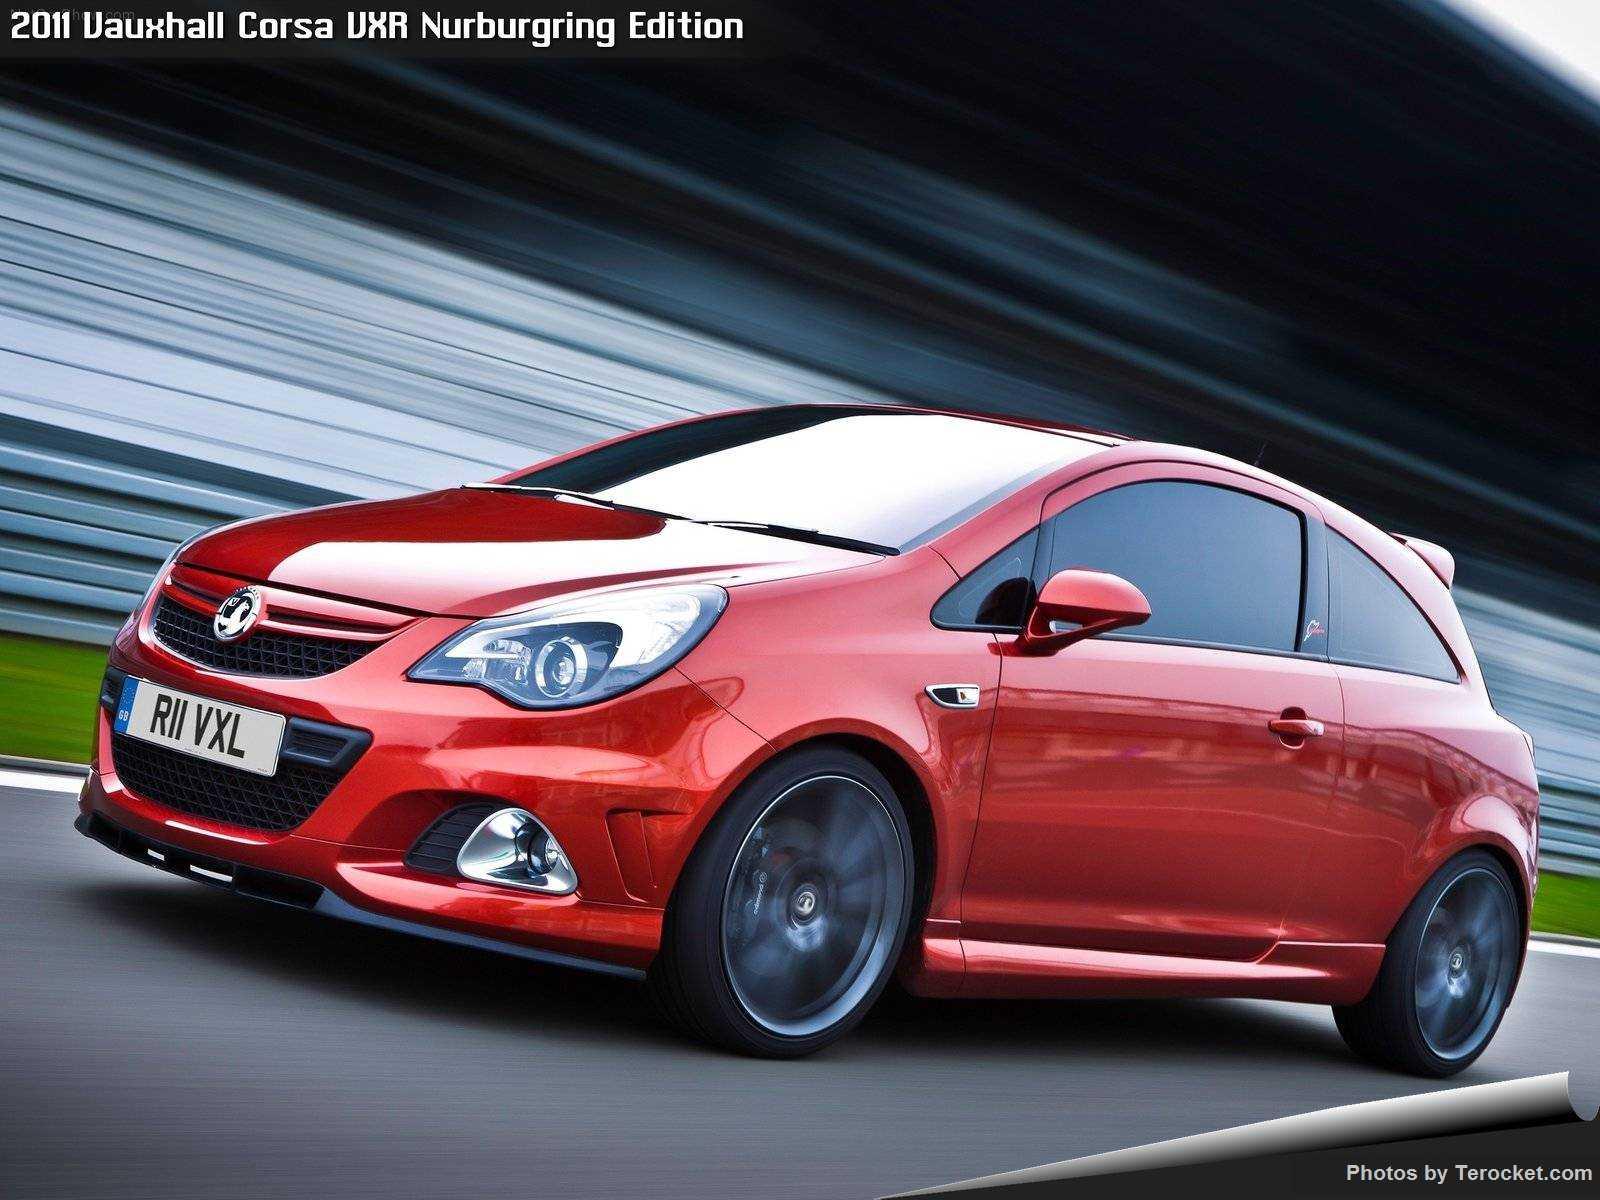 Hình ảnh xe ô tô Vauxhall Corsa VXR Nurburgring Edition 2011 & nội ngoại thất